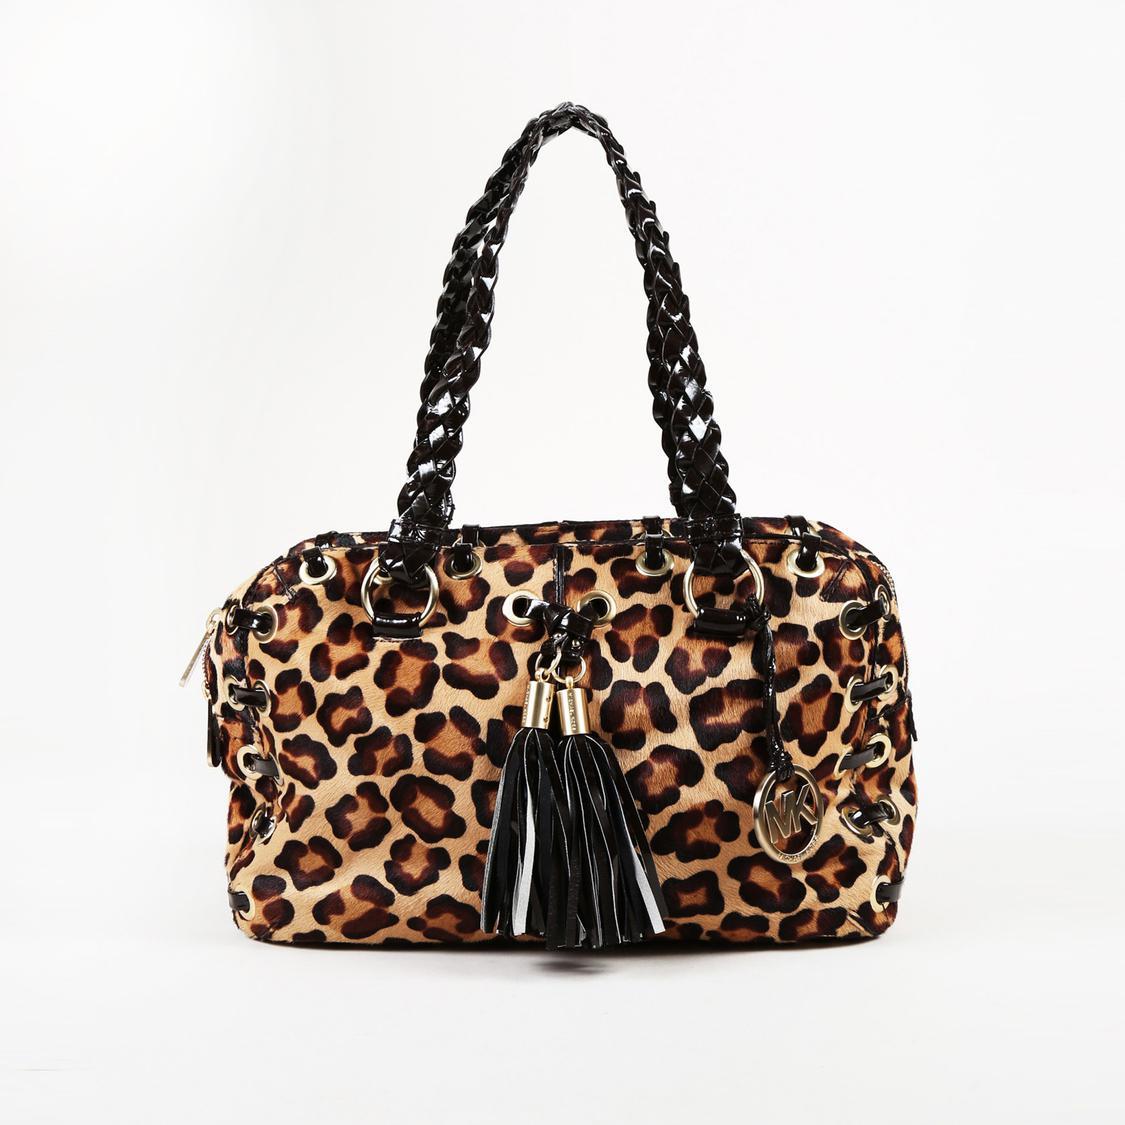 4f7d15b836c3 Michael Kors Animal Print Calf Hair Shoulder Bag in Brown - Lyst